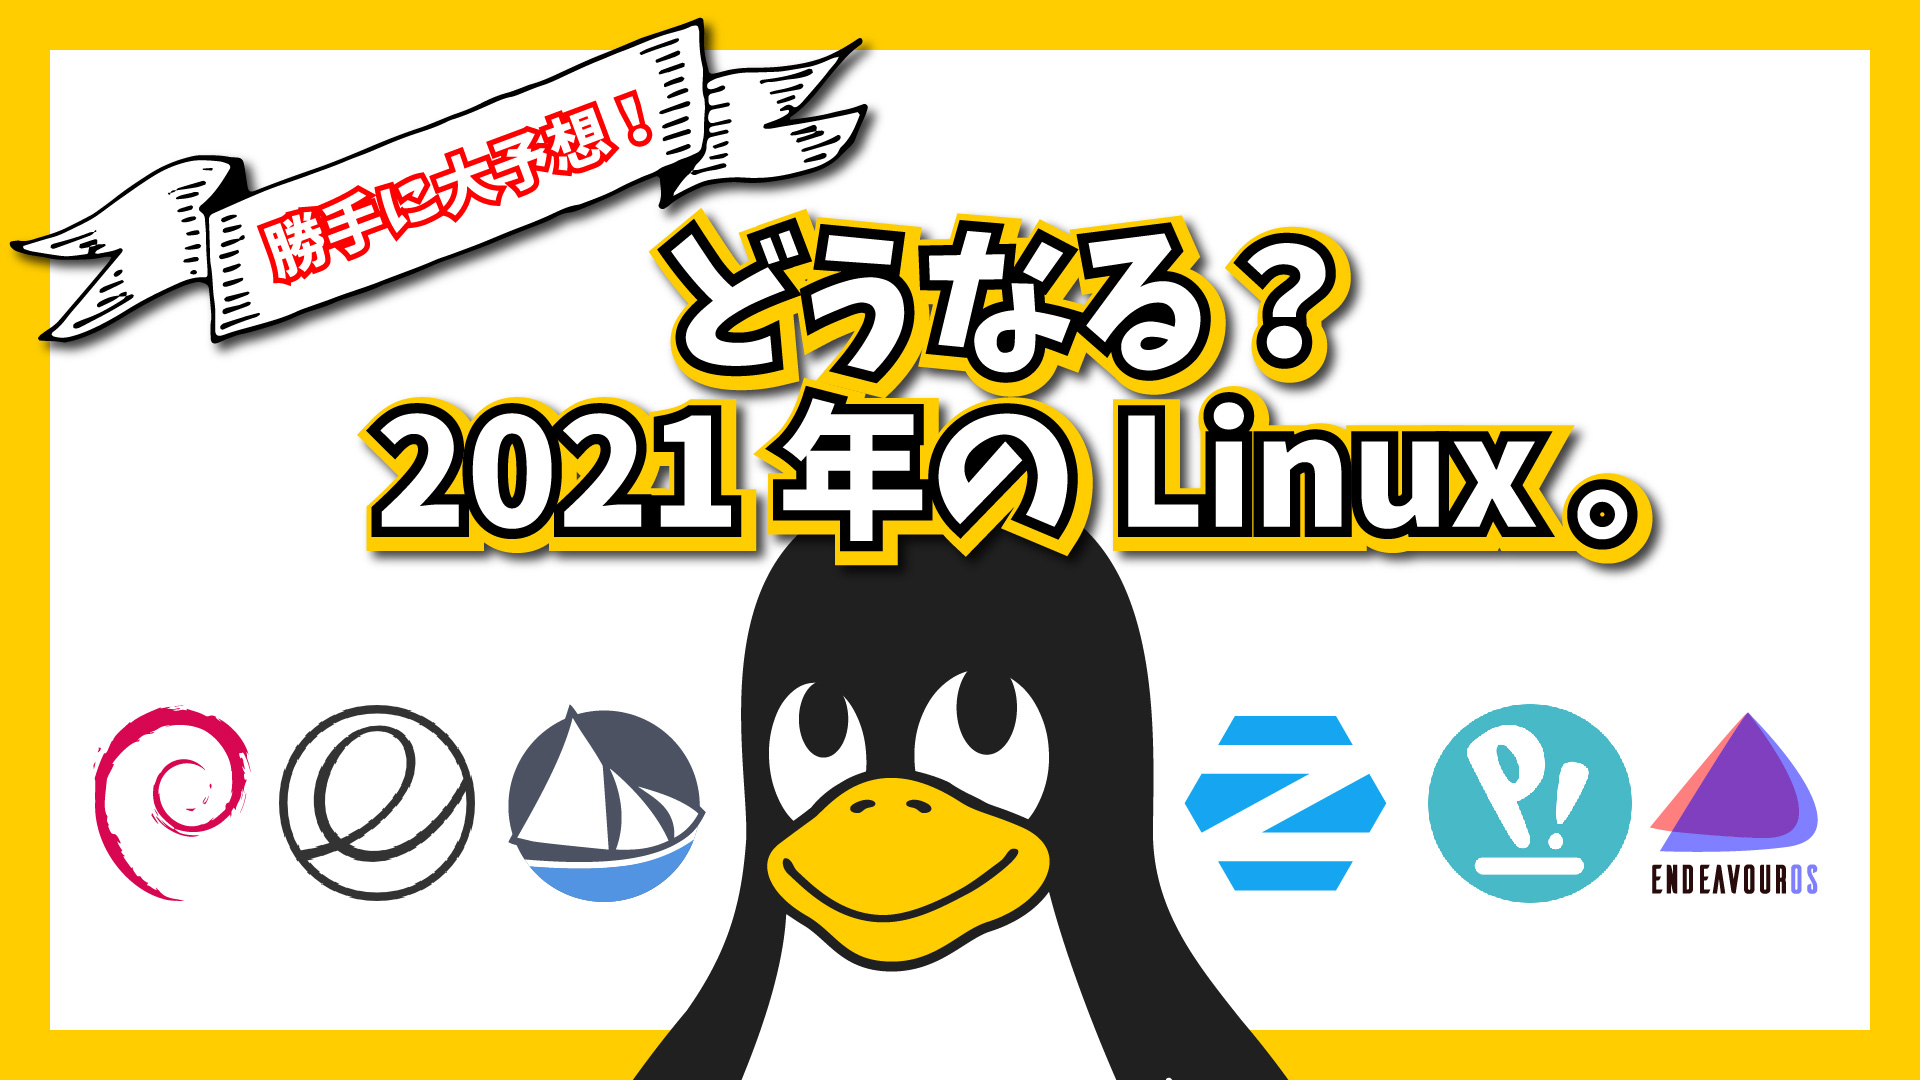 どうなる?2021年の気になるLinux【8選】勝手に大予想!